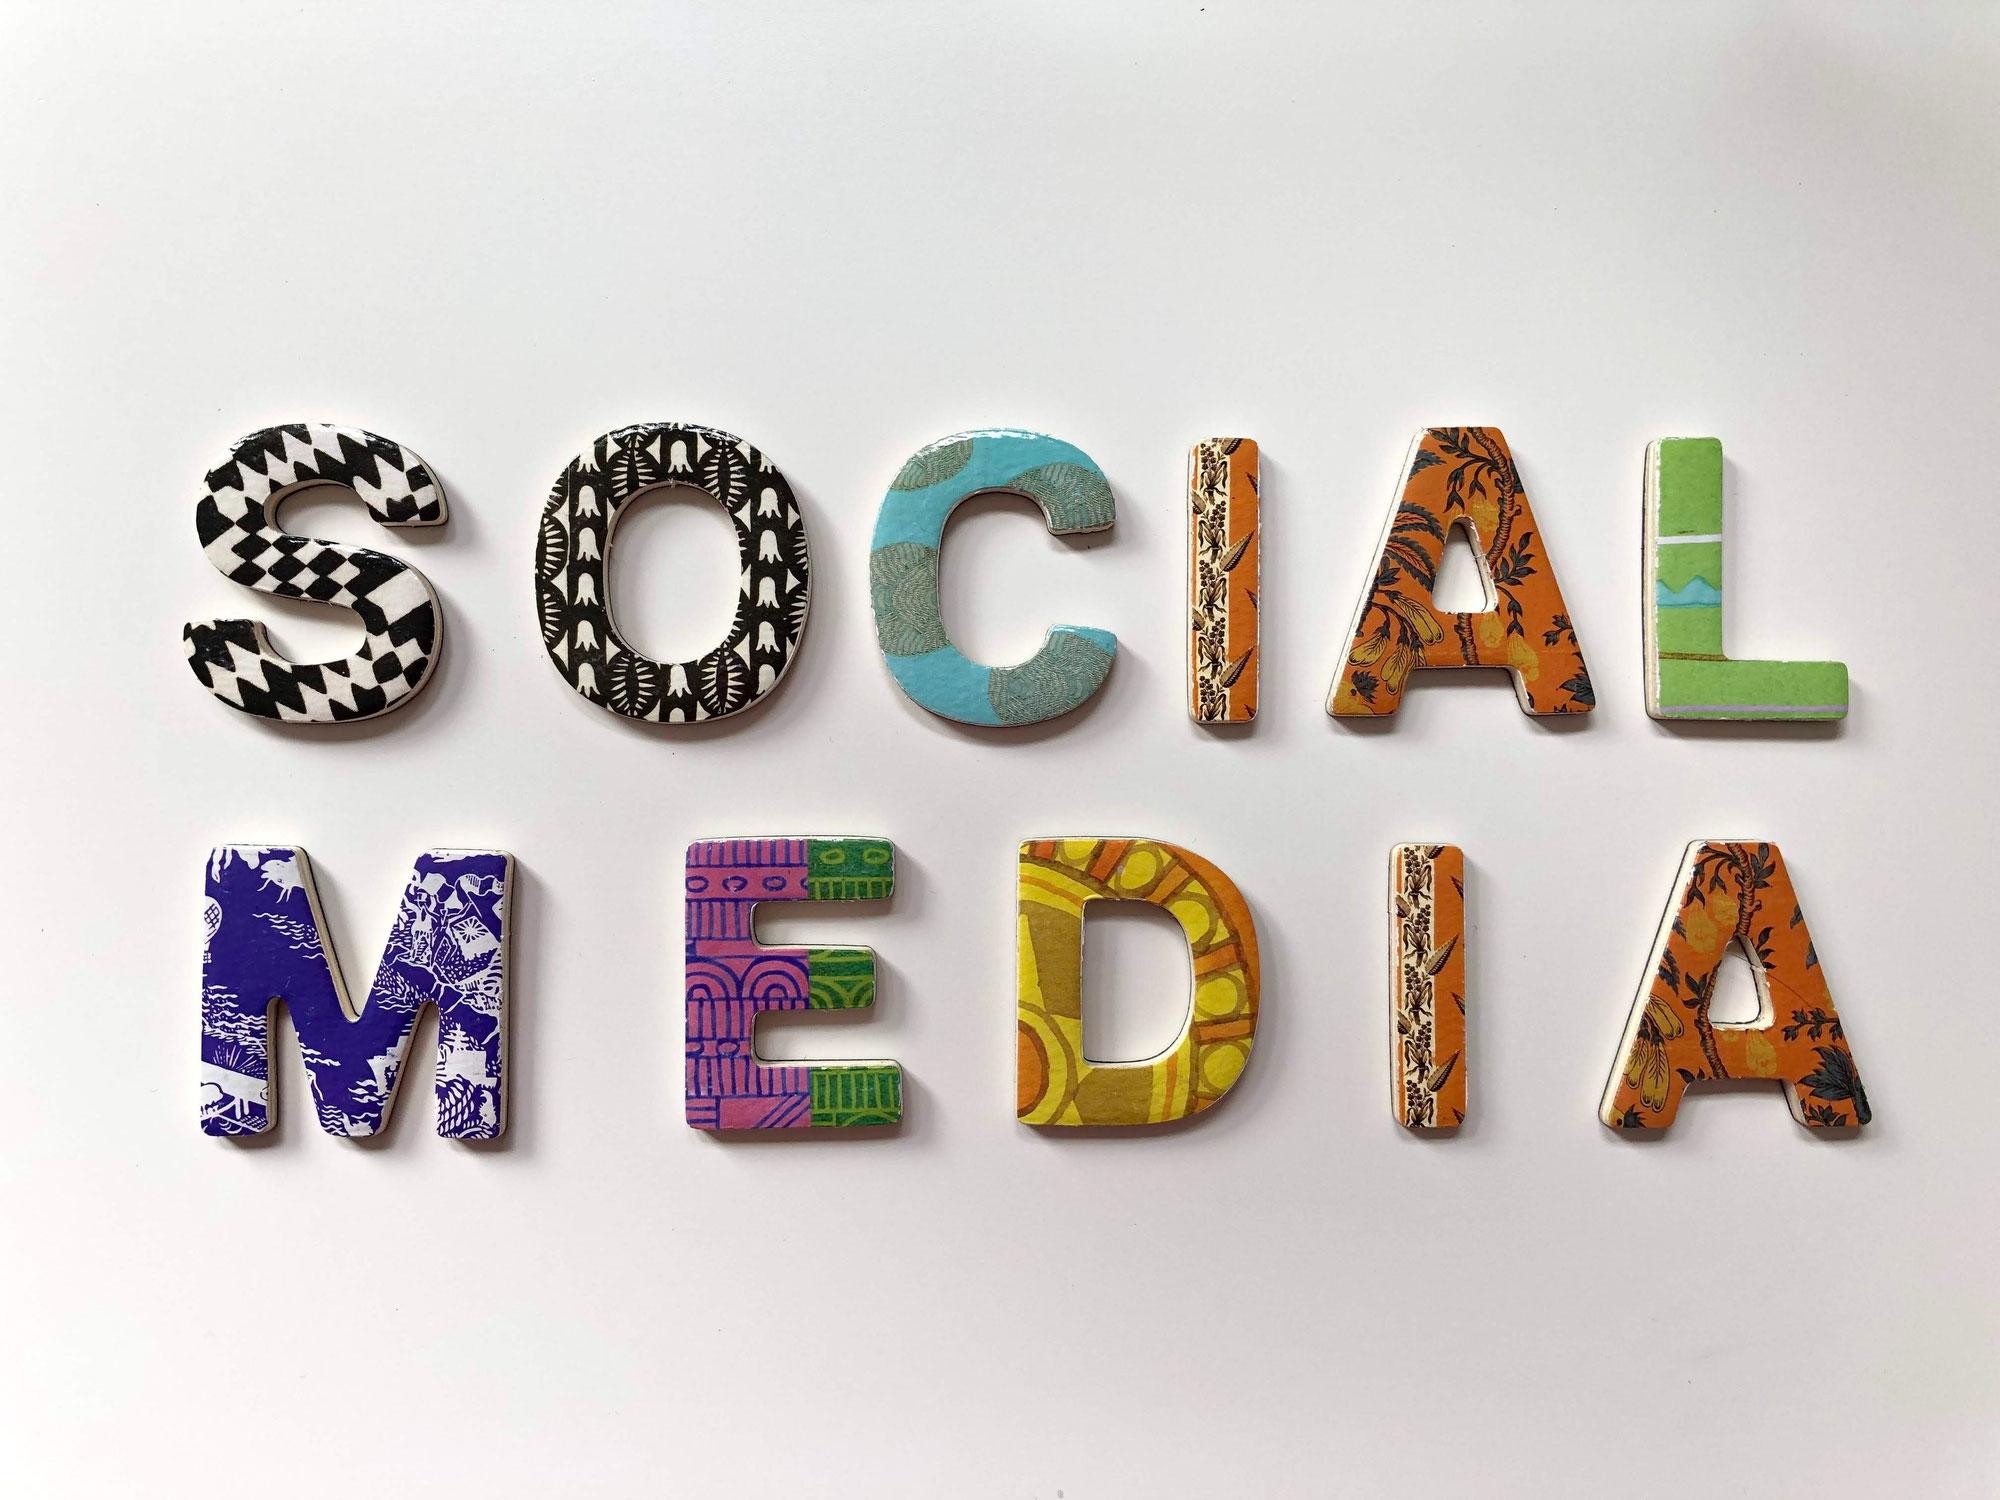 Zahnspangenliebe bei Facebook und Instagram!